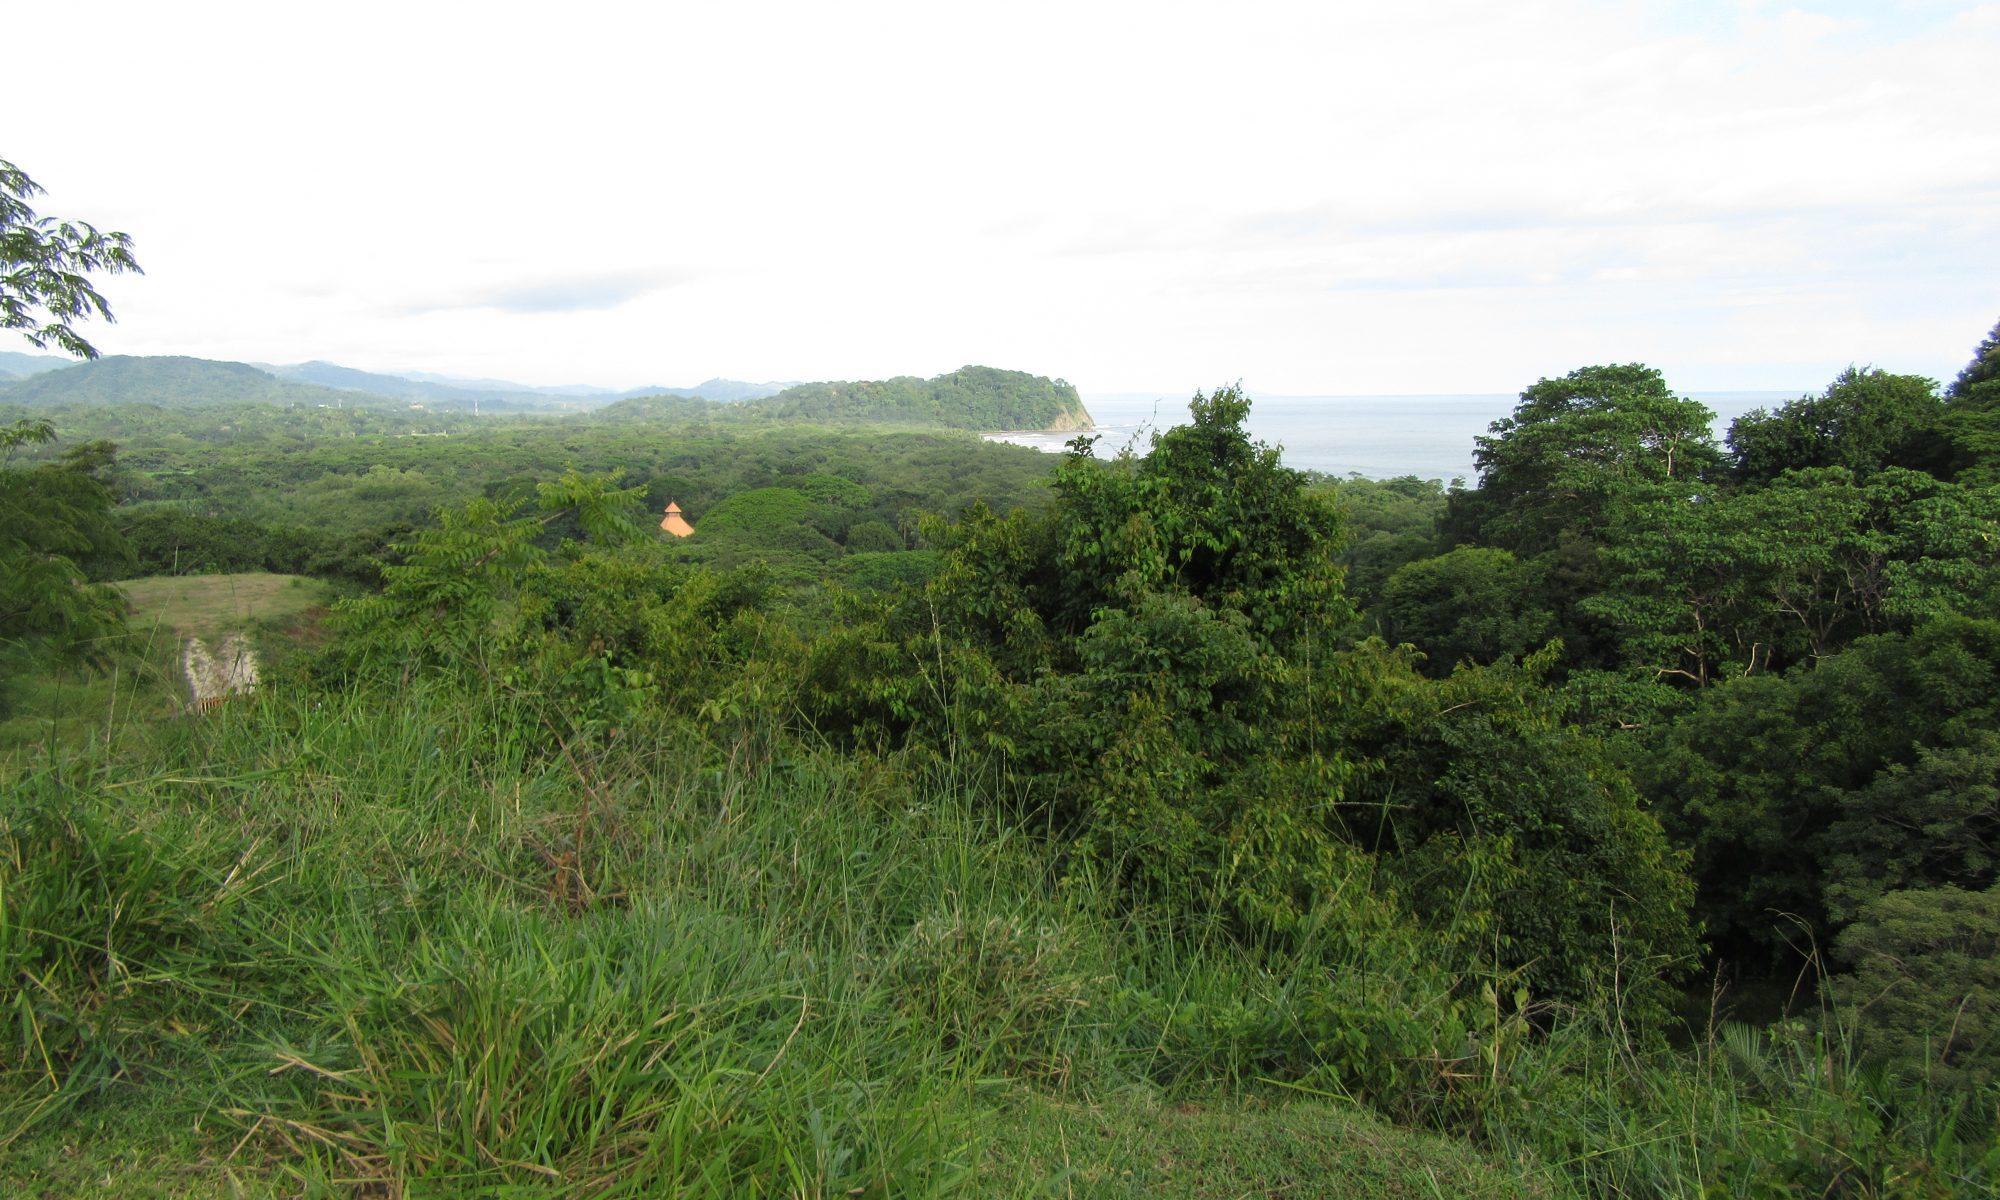 Landkauf in Costa Rica